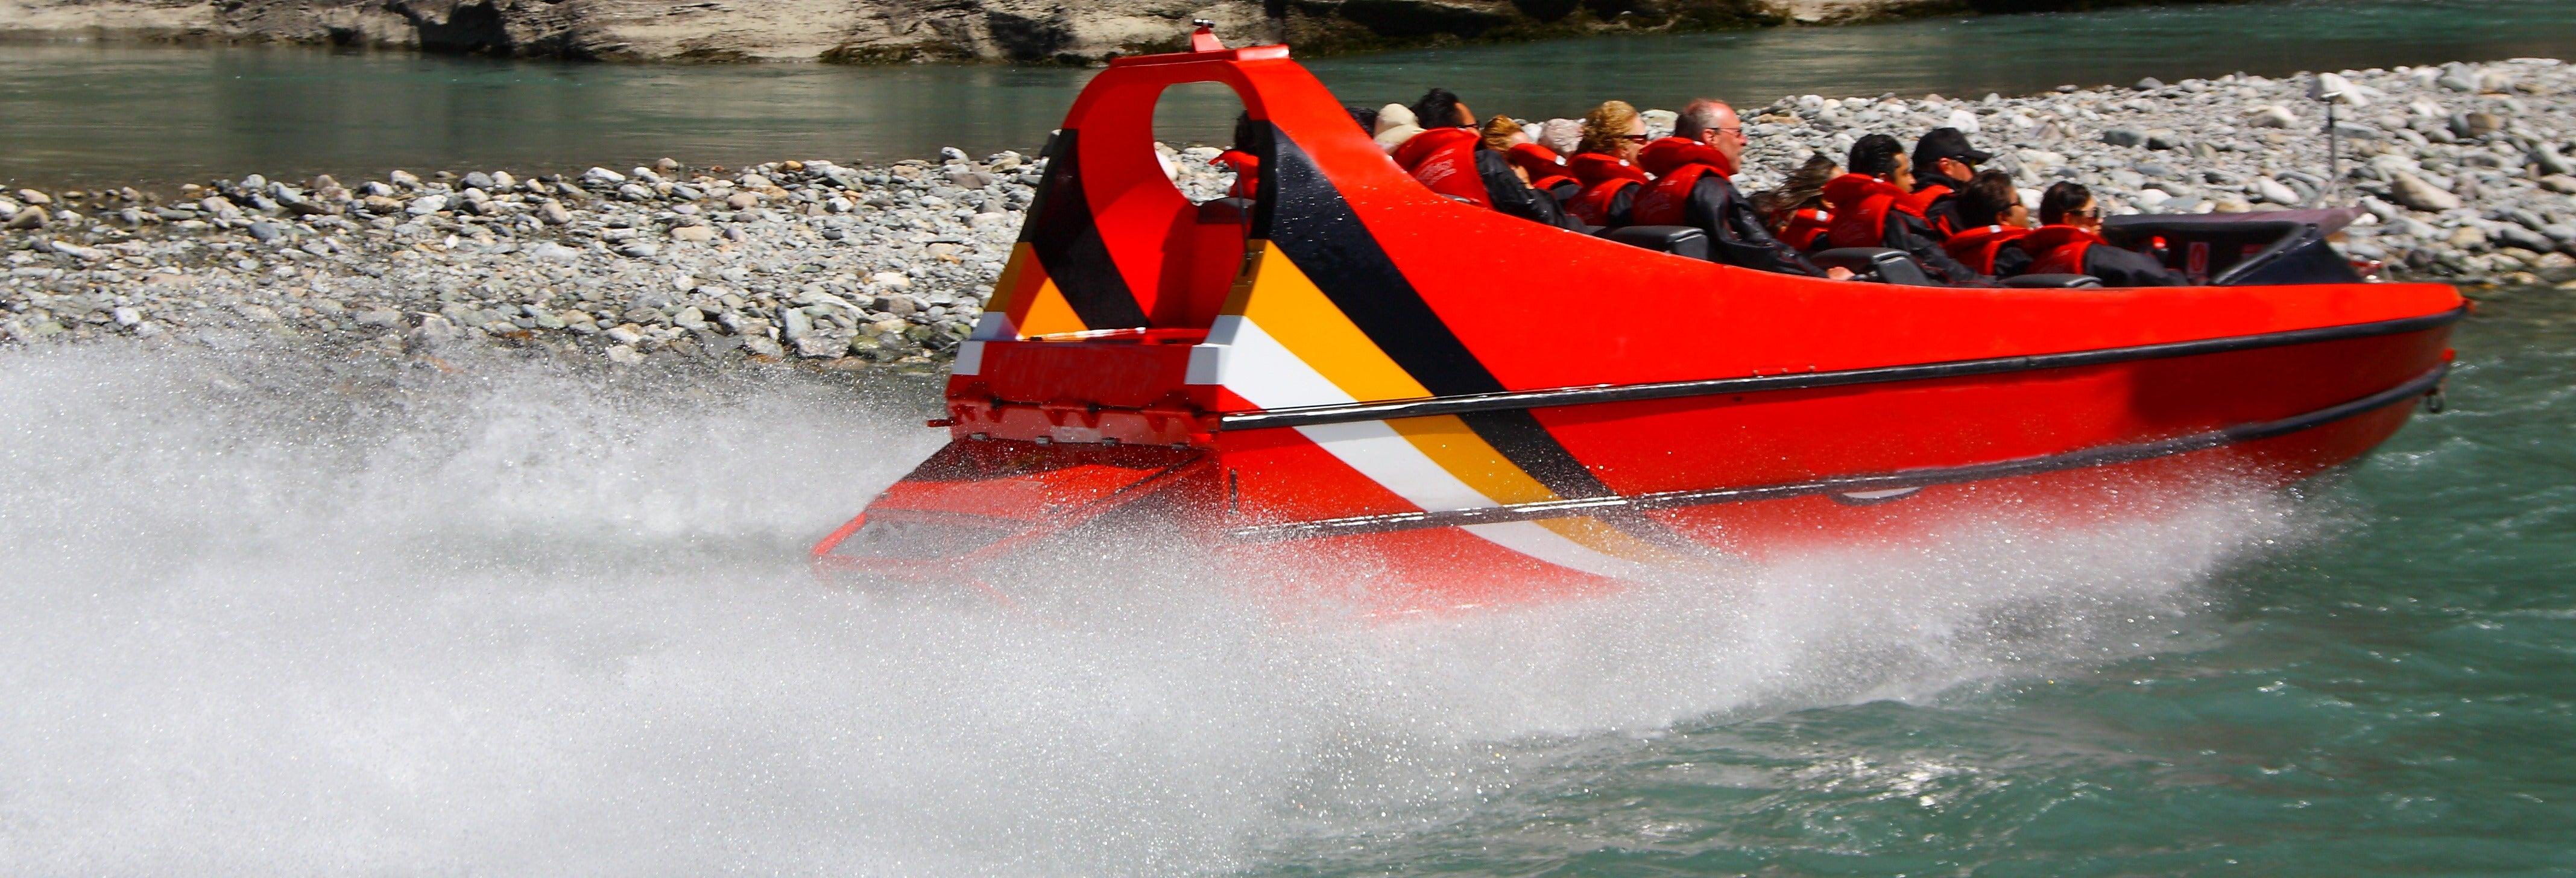 Expérience Jet Boat à Porto